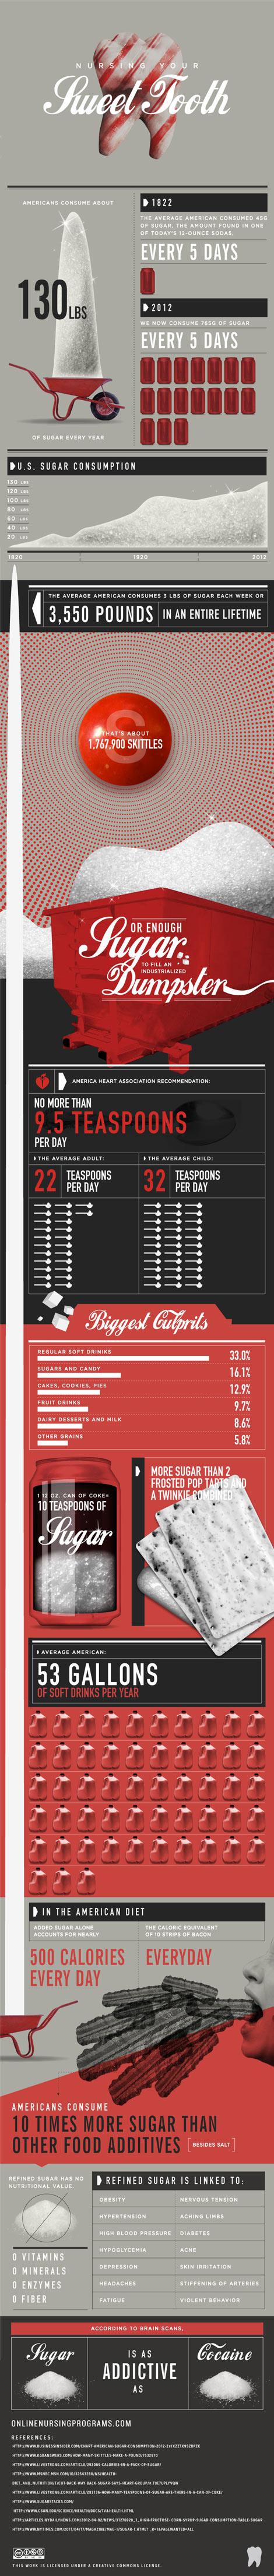 Infographie : La consommation de sucre aux Etats-Unis